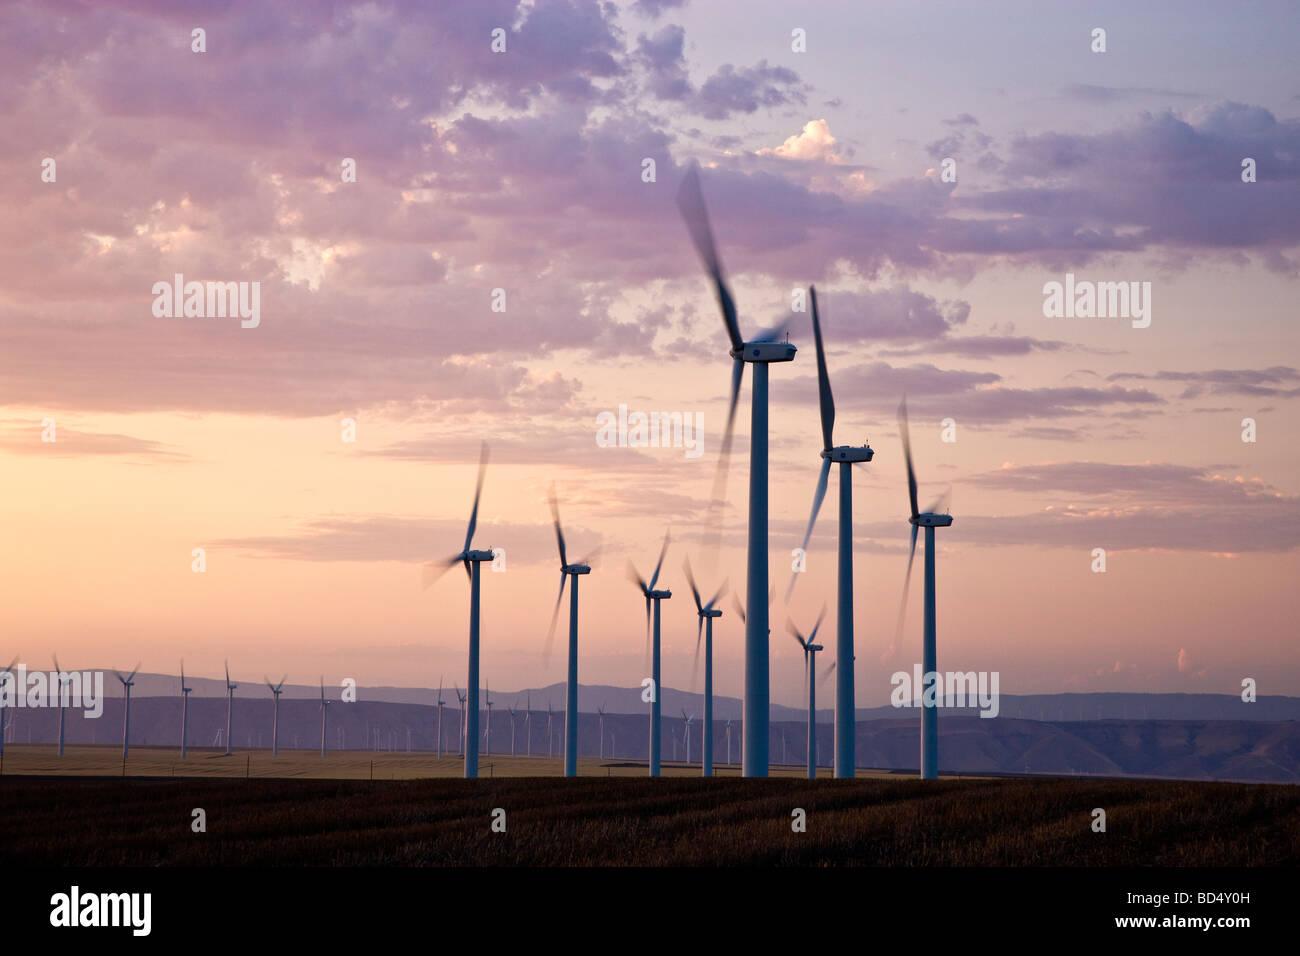 Wind farm, turbines, at dusk. - Stock Image